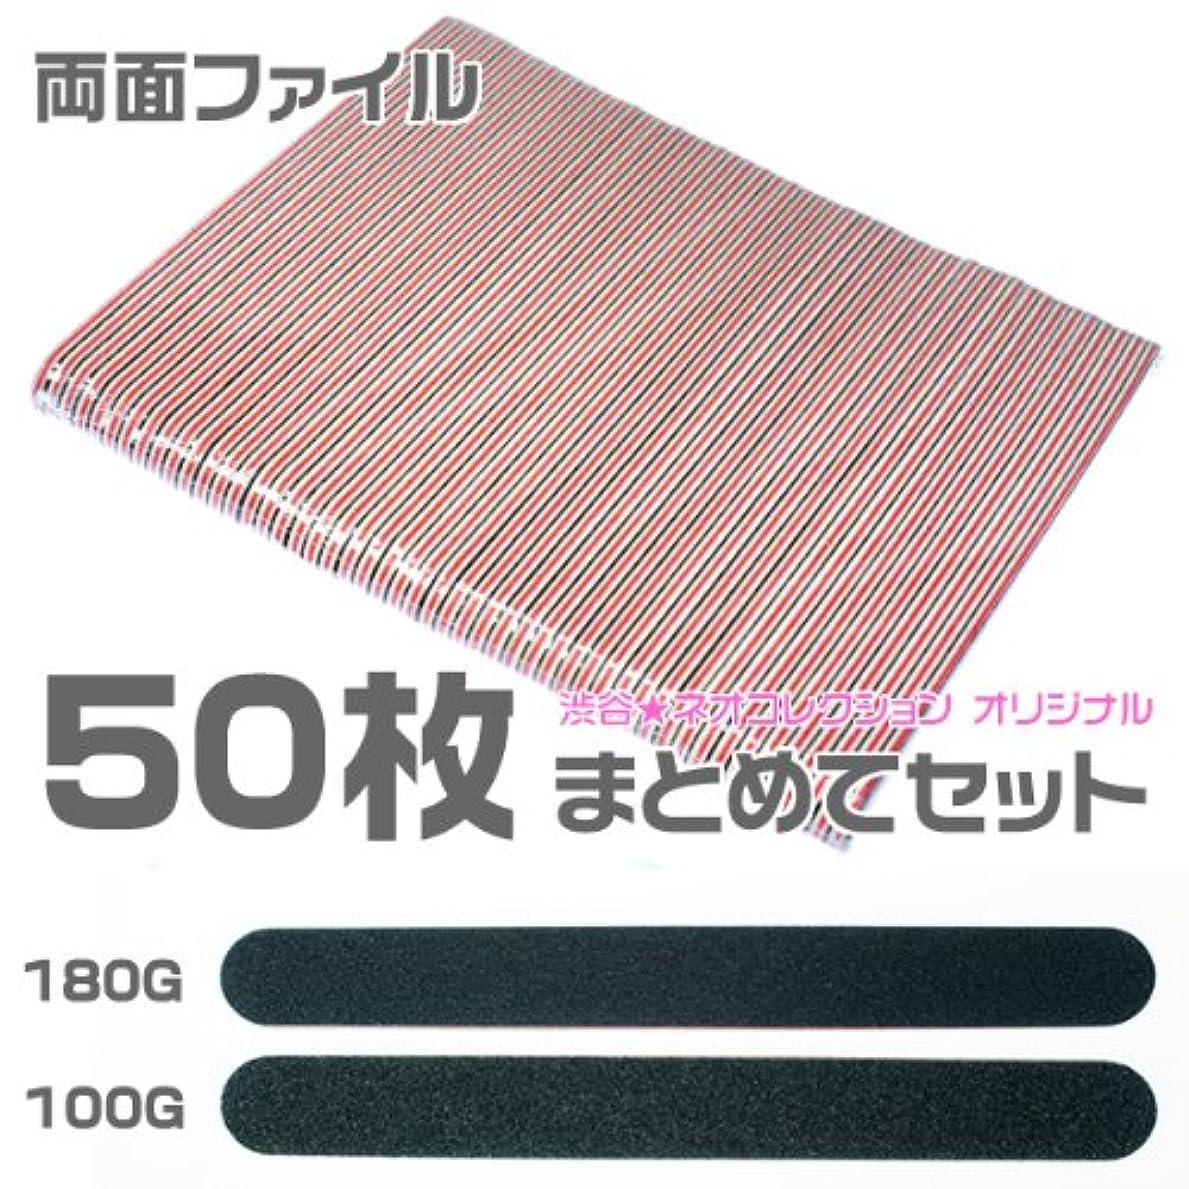 ペレットファイターモディッシュ高品質ネイルファイル50枚セット 100 180G 大量まとめ買い エメリーボード 100グリッド180グリッド